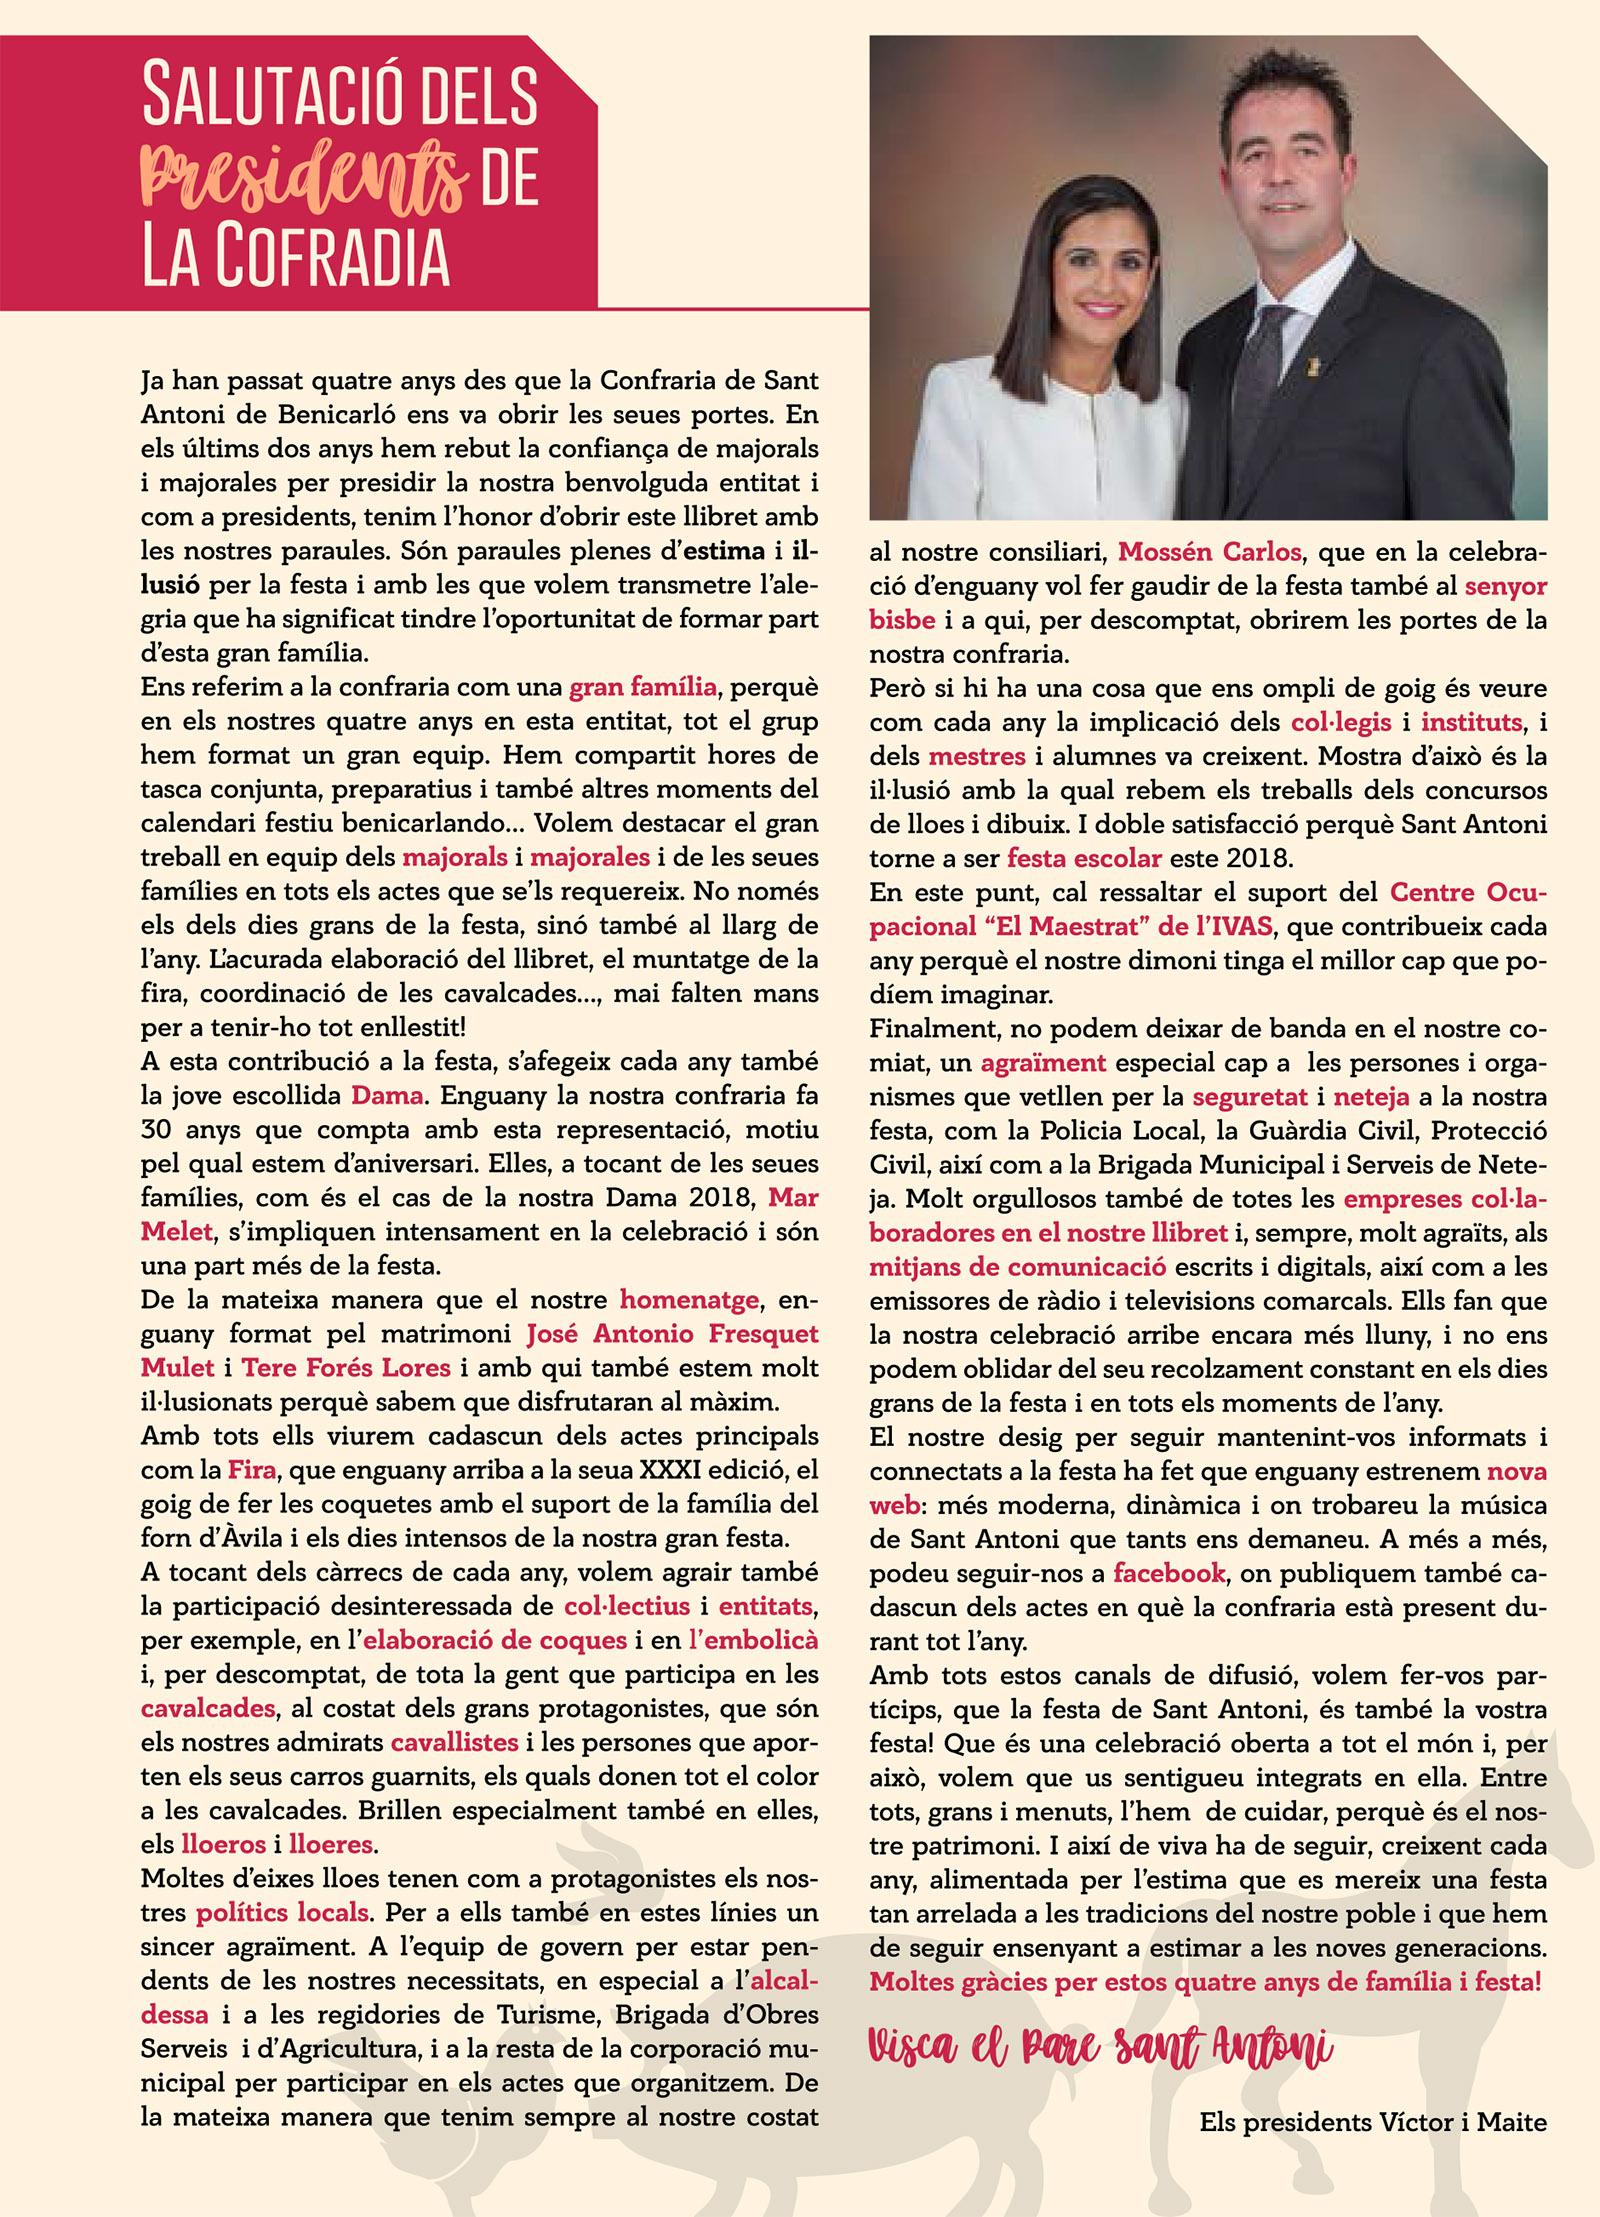 Sant-Antoni-Benicarlo-Salutacio-President-llibret